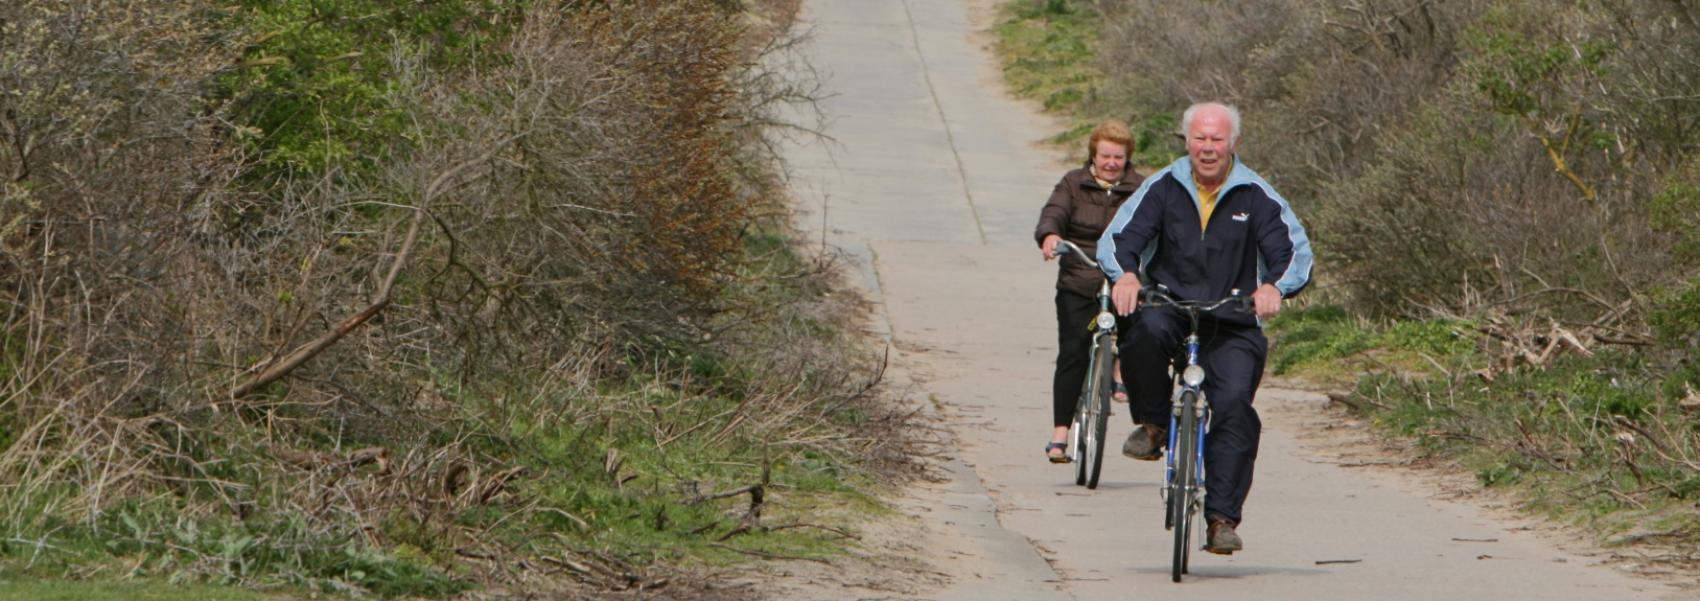 fietsers tussen het struweel